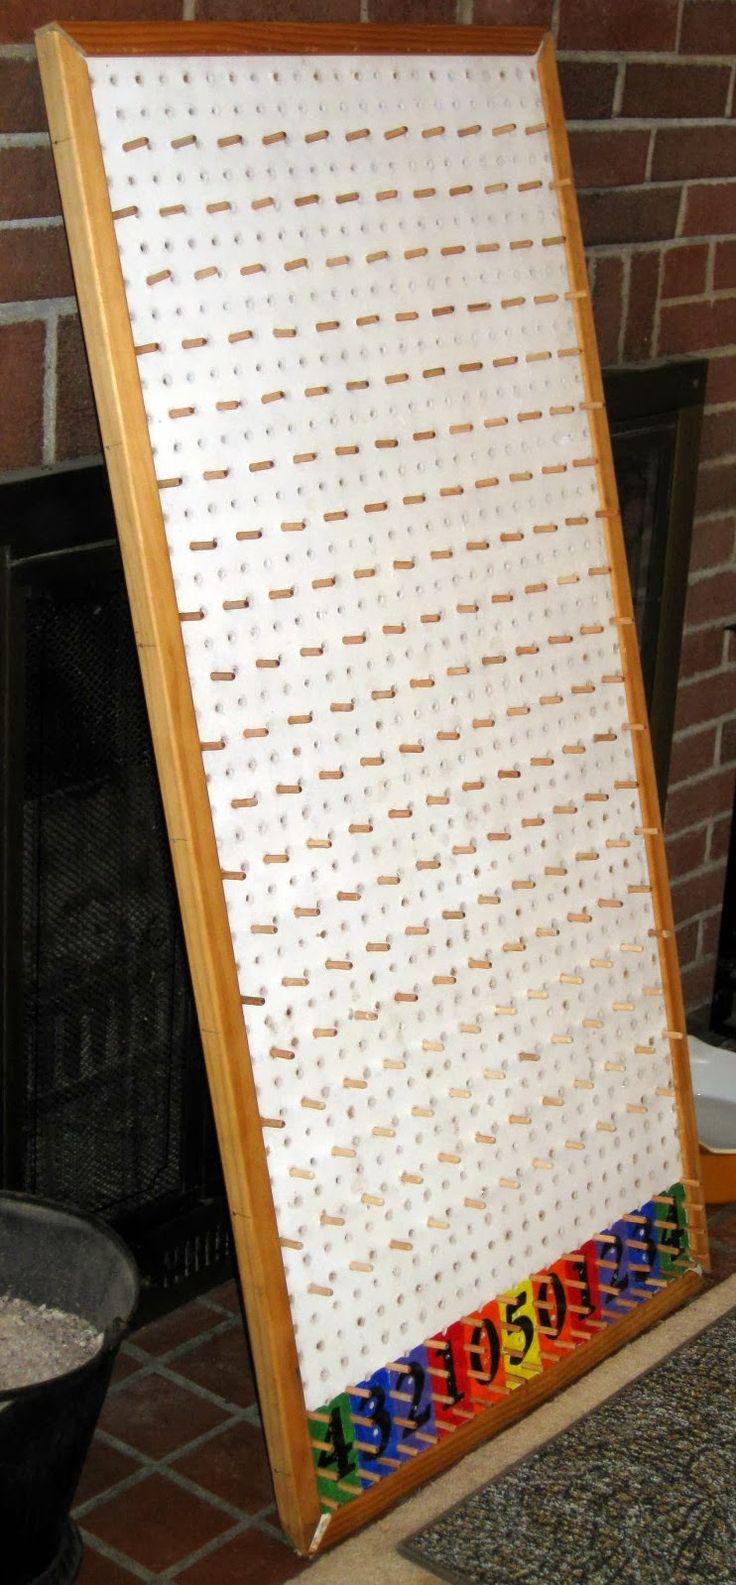 Make your own Plinko Board                                                                                                                                                                                 More